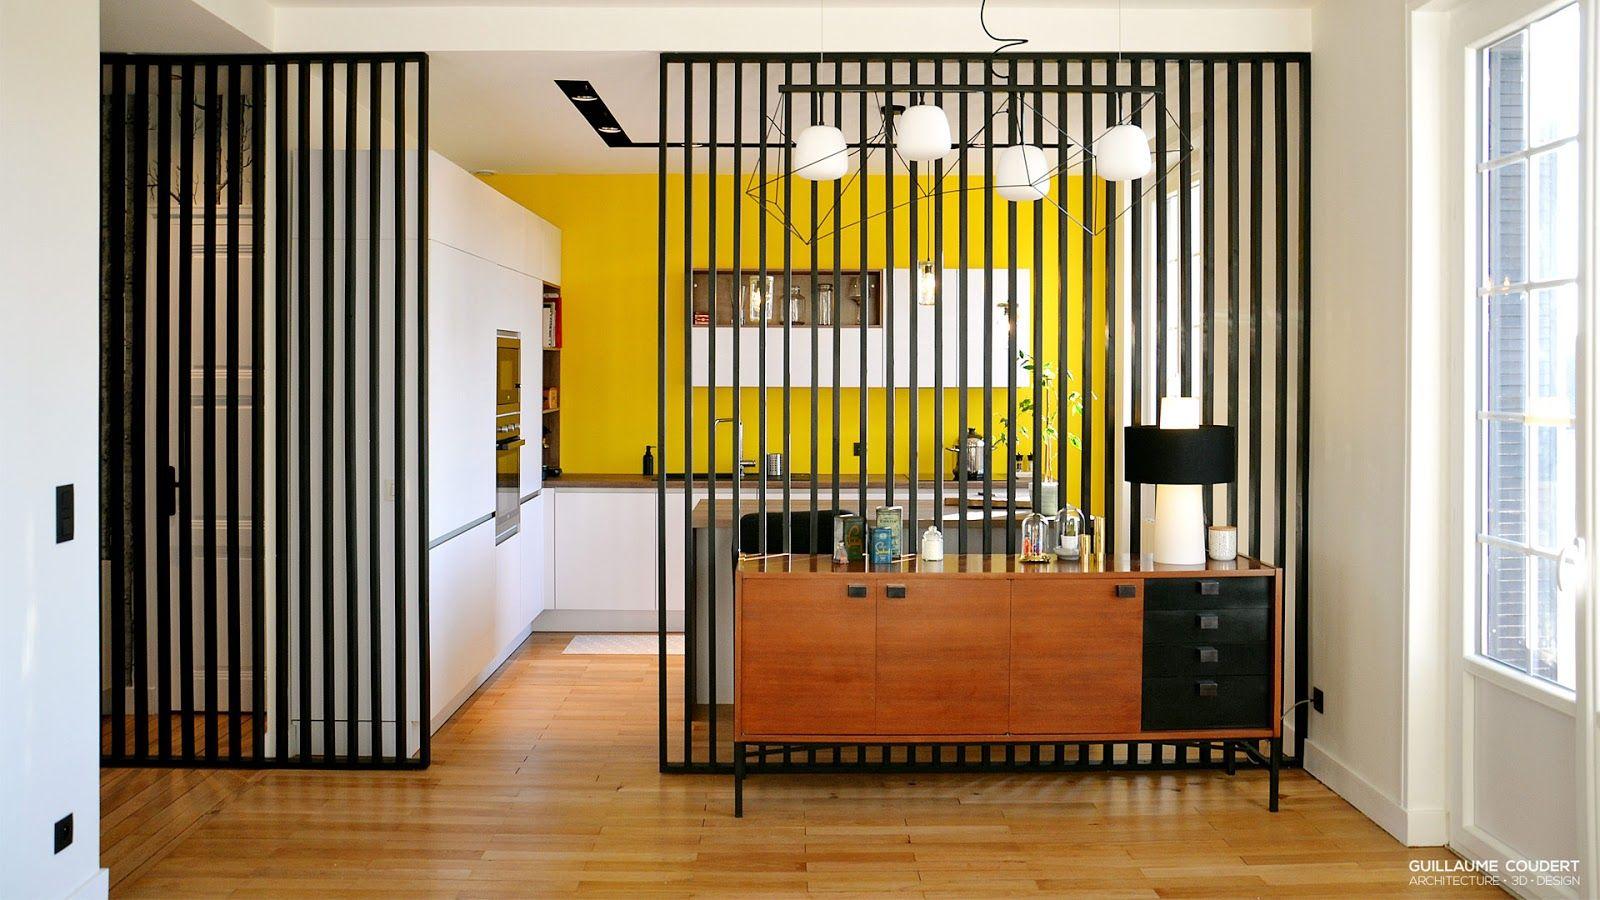 Cuisine Moderne Mur Jaune Meubles Bois Separation Claustra Noir